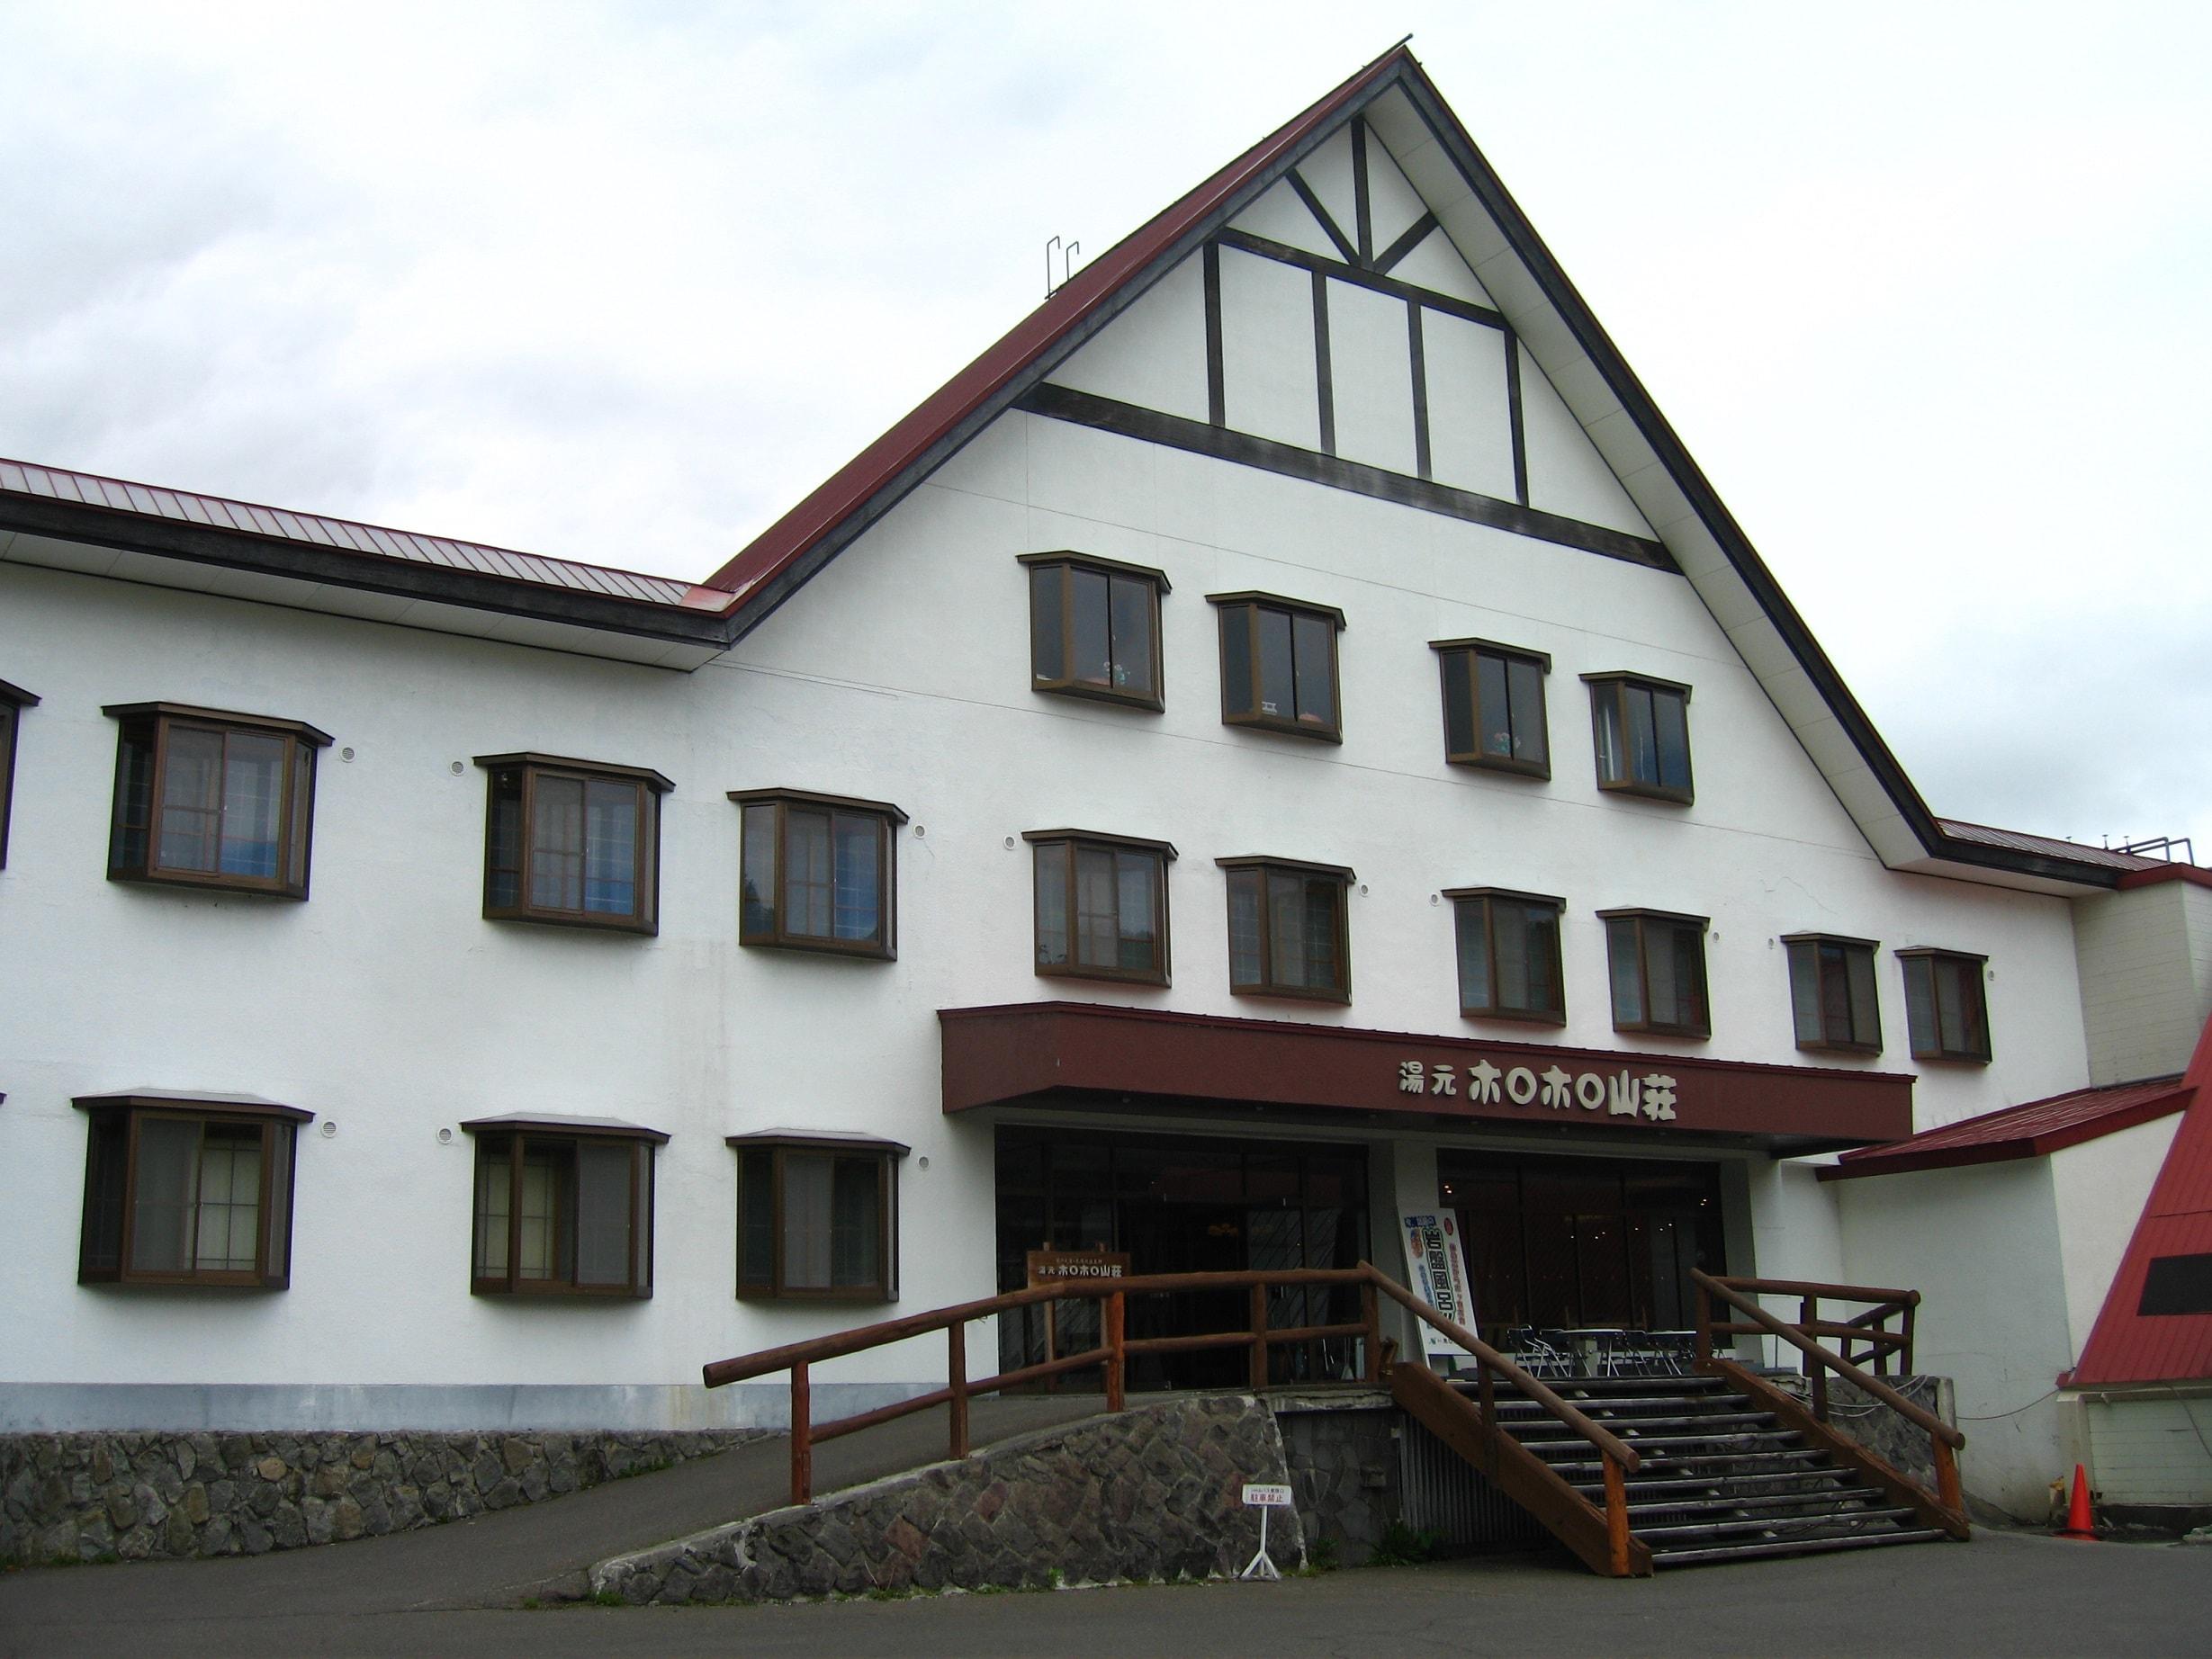 湯元ホロホロ山荘の外観